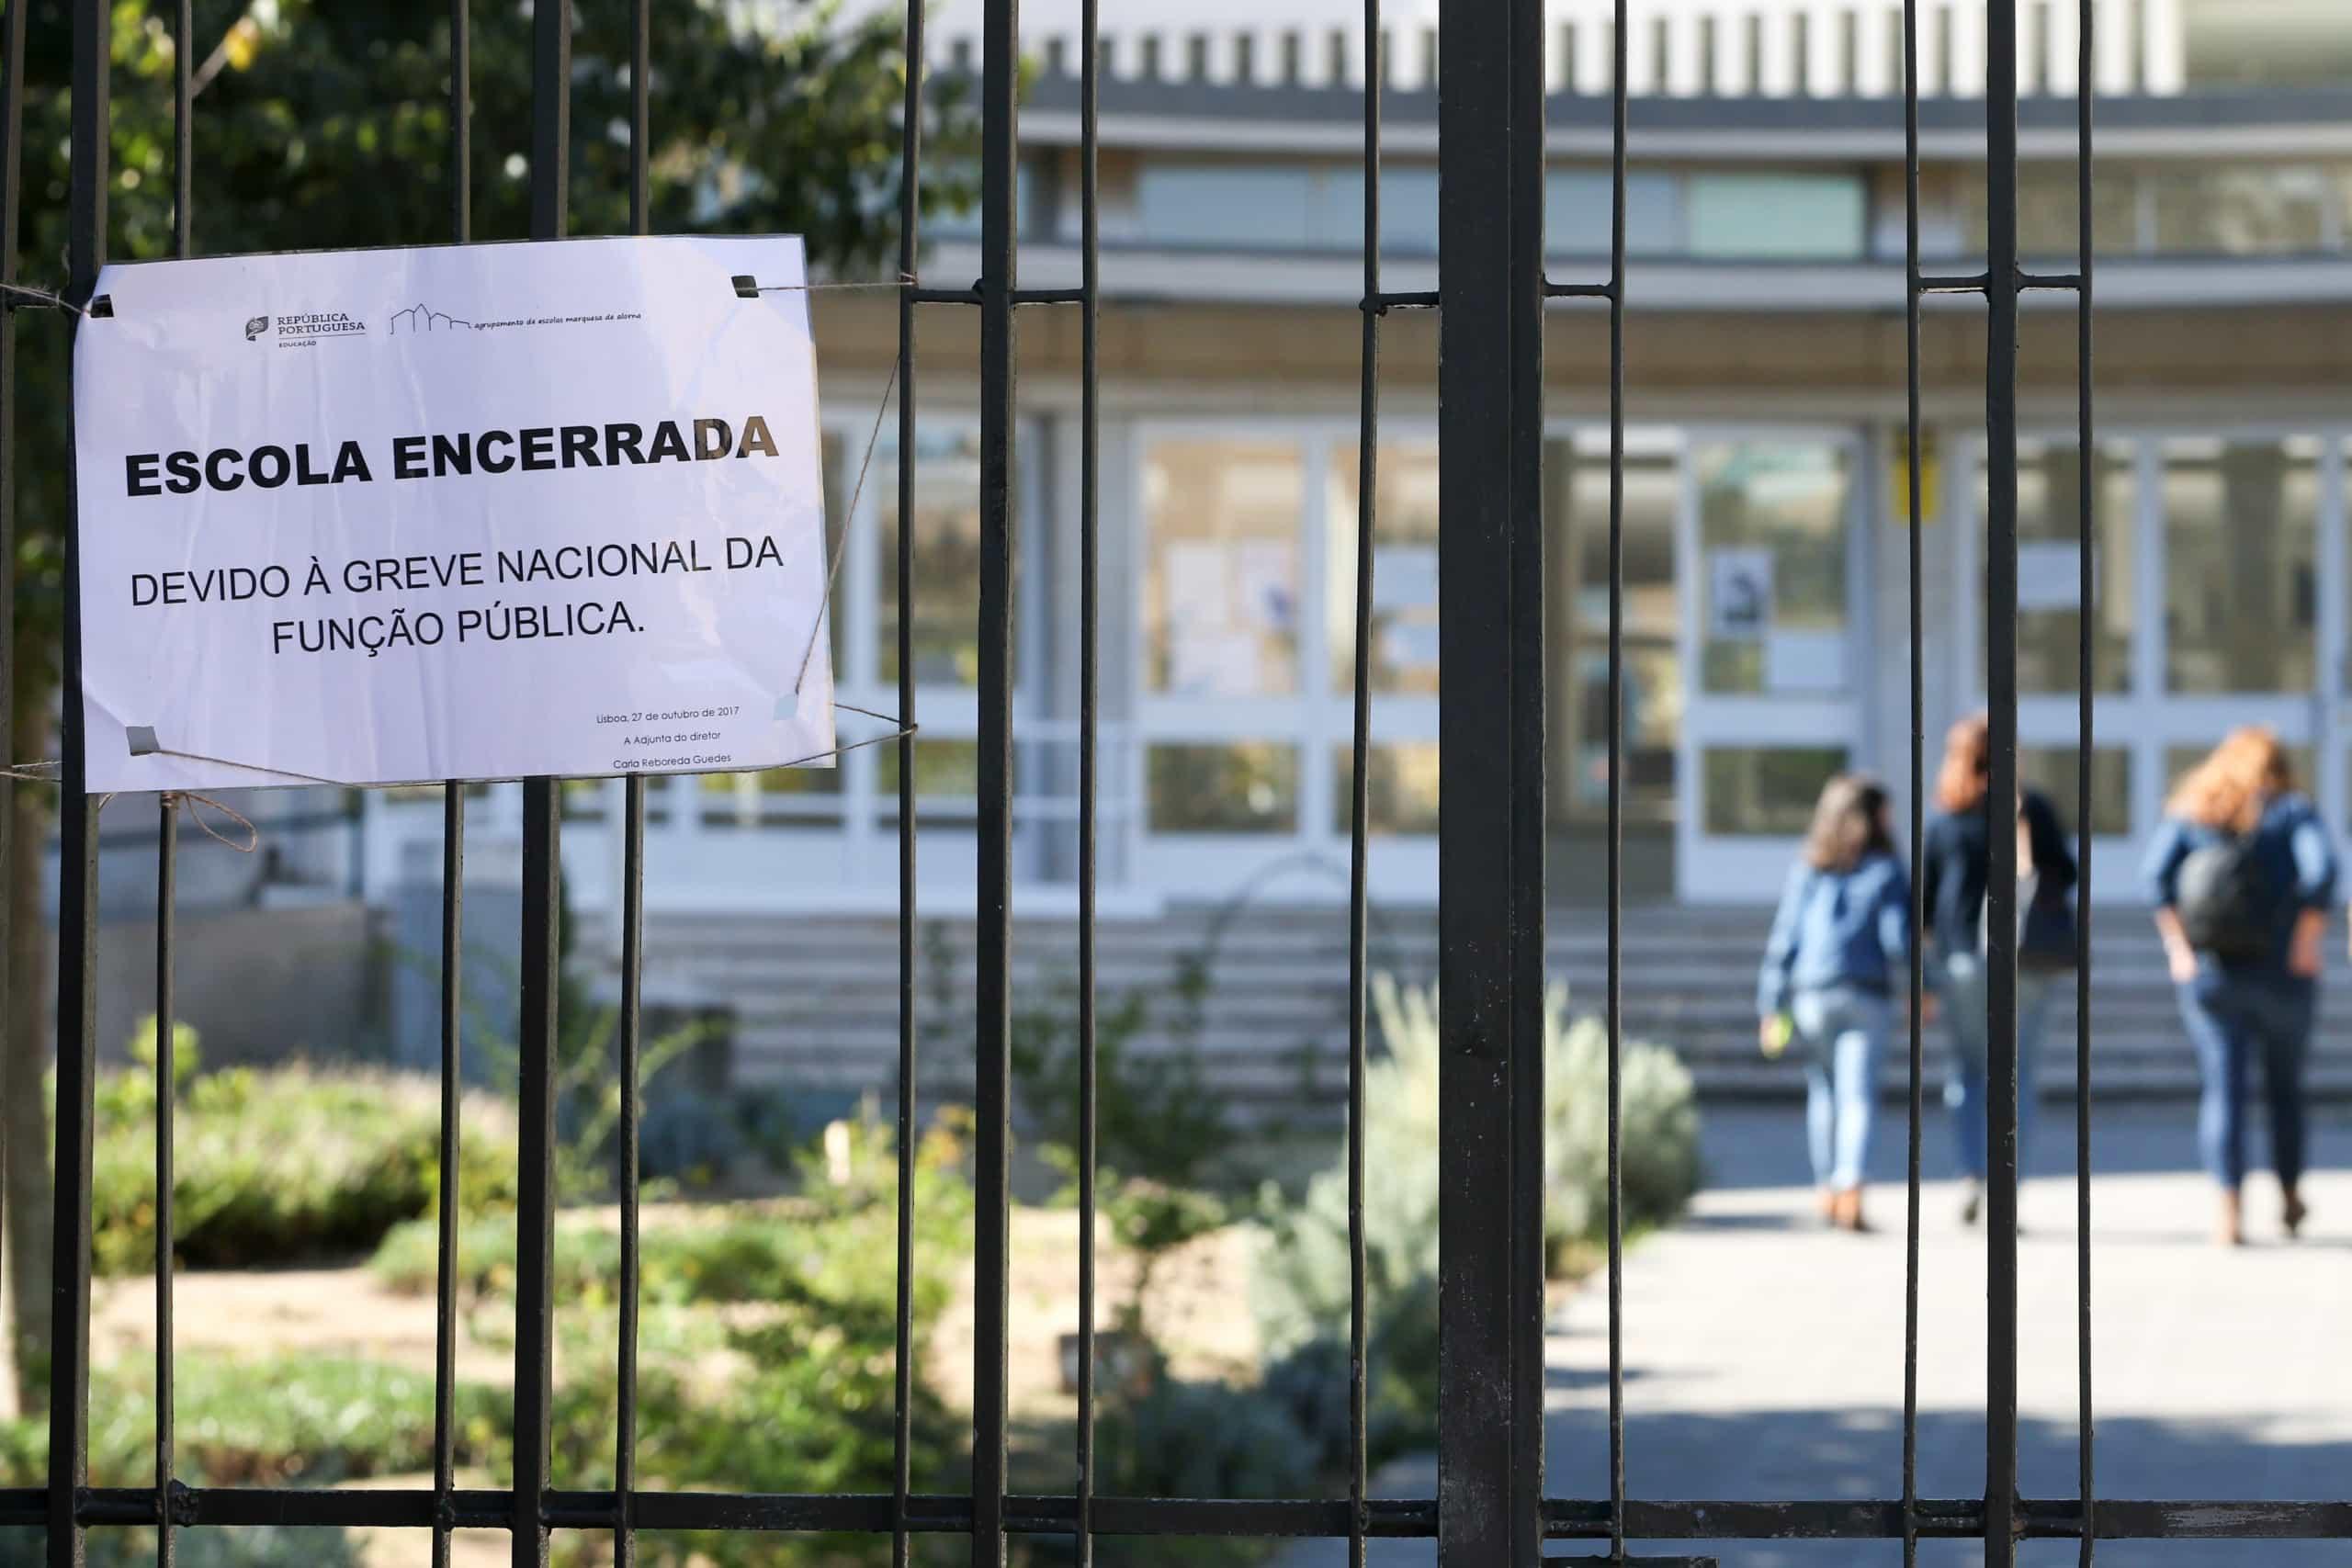 Há greve na Função Pública. Escolas fechadas e atos médicos cancelados